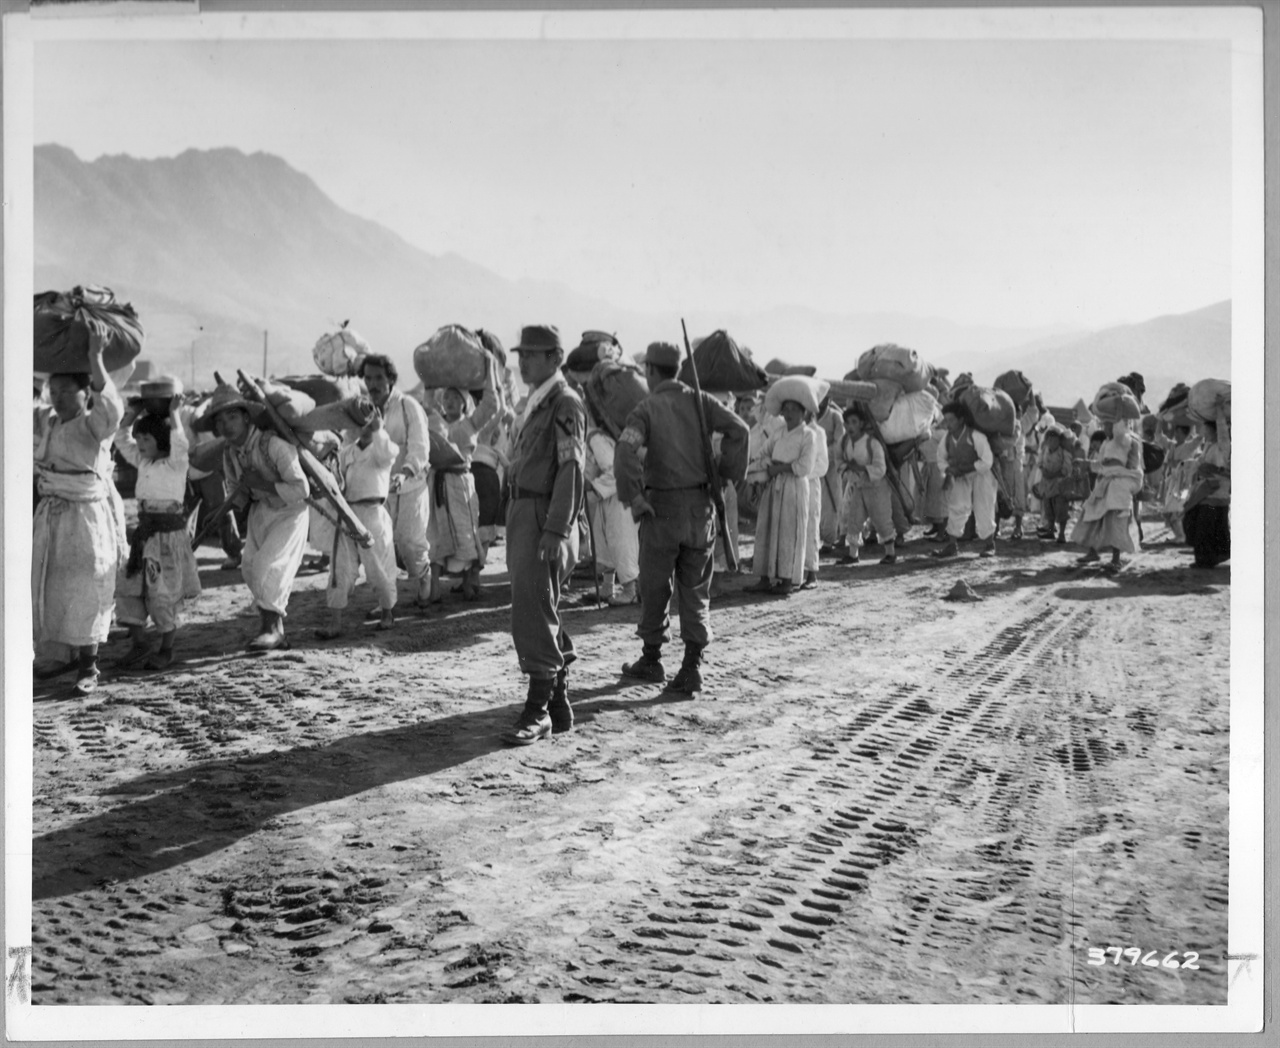 1951. 9. 유엔군의 통제 아래 피란민들이 열차를 기다리고 있다.